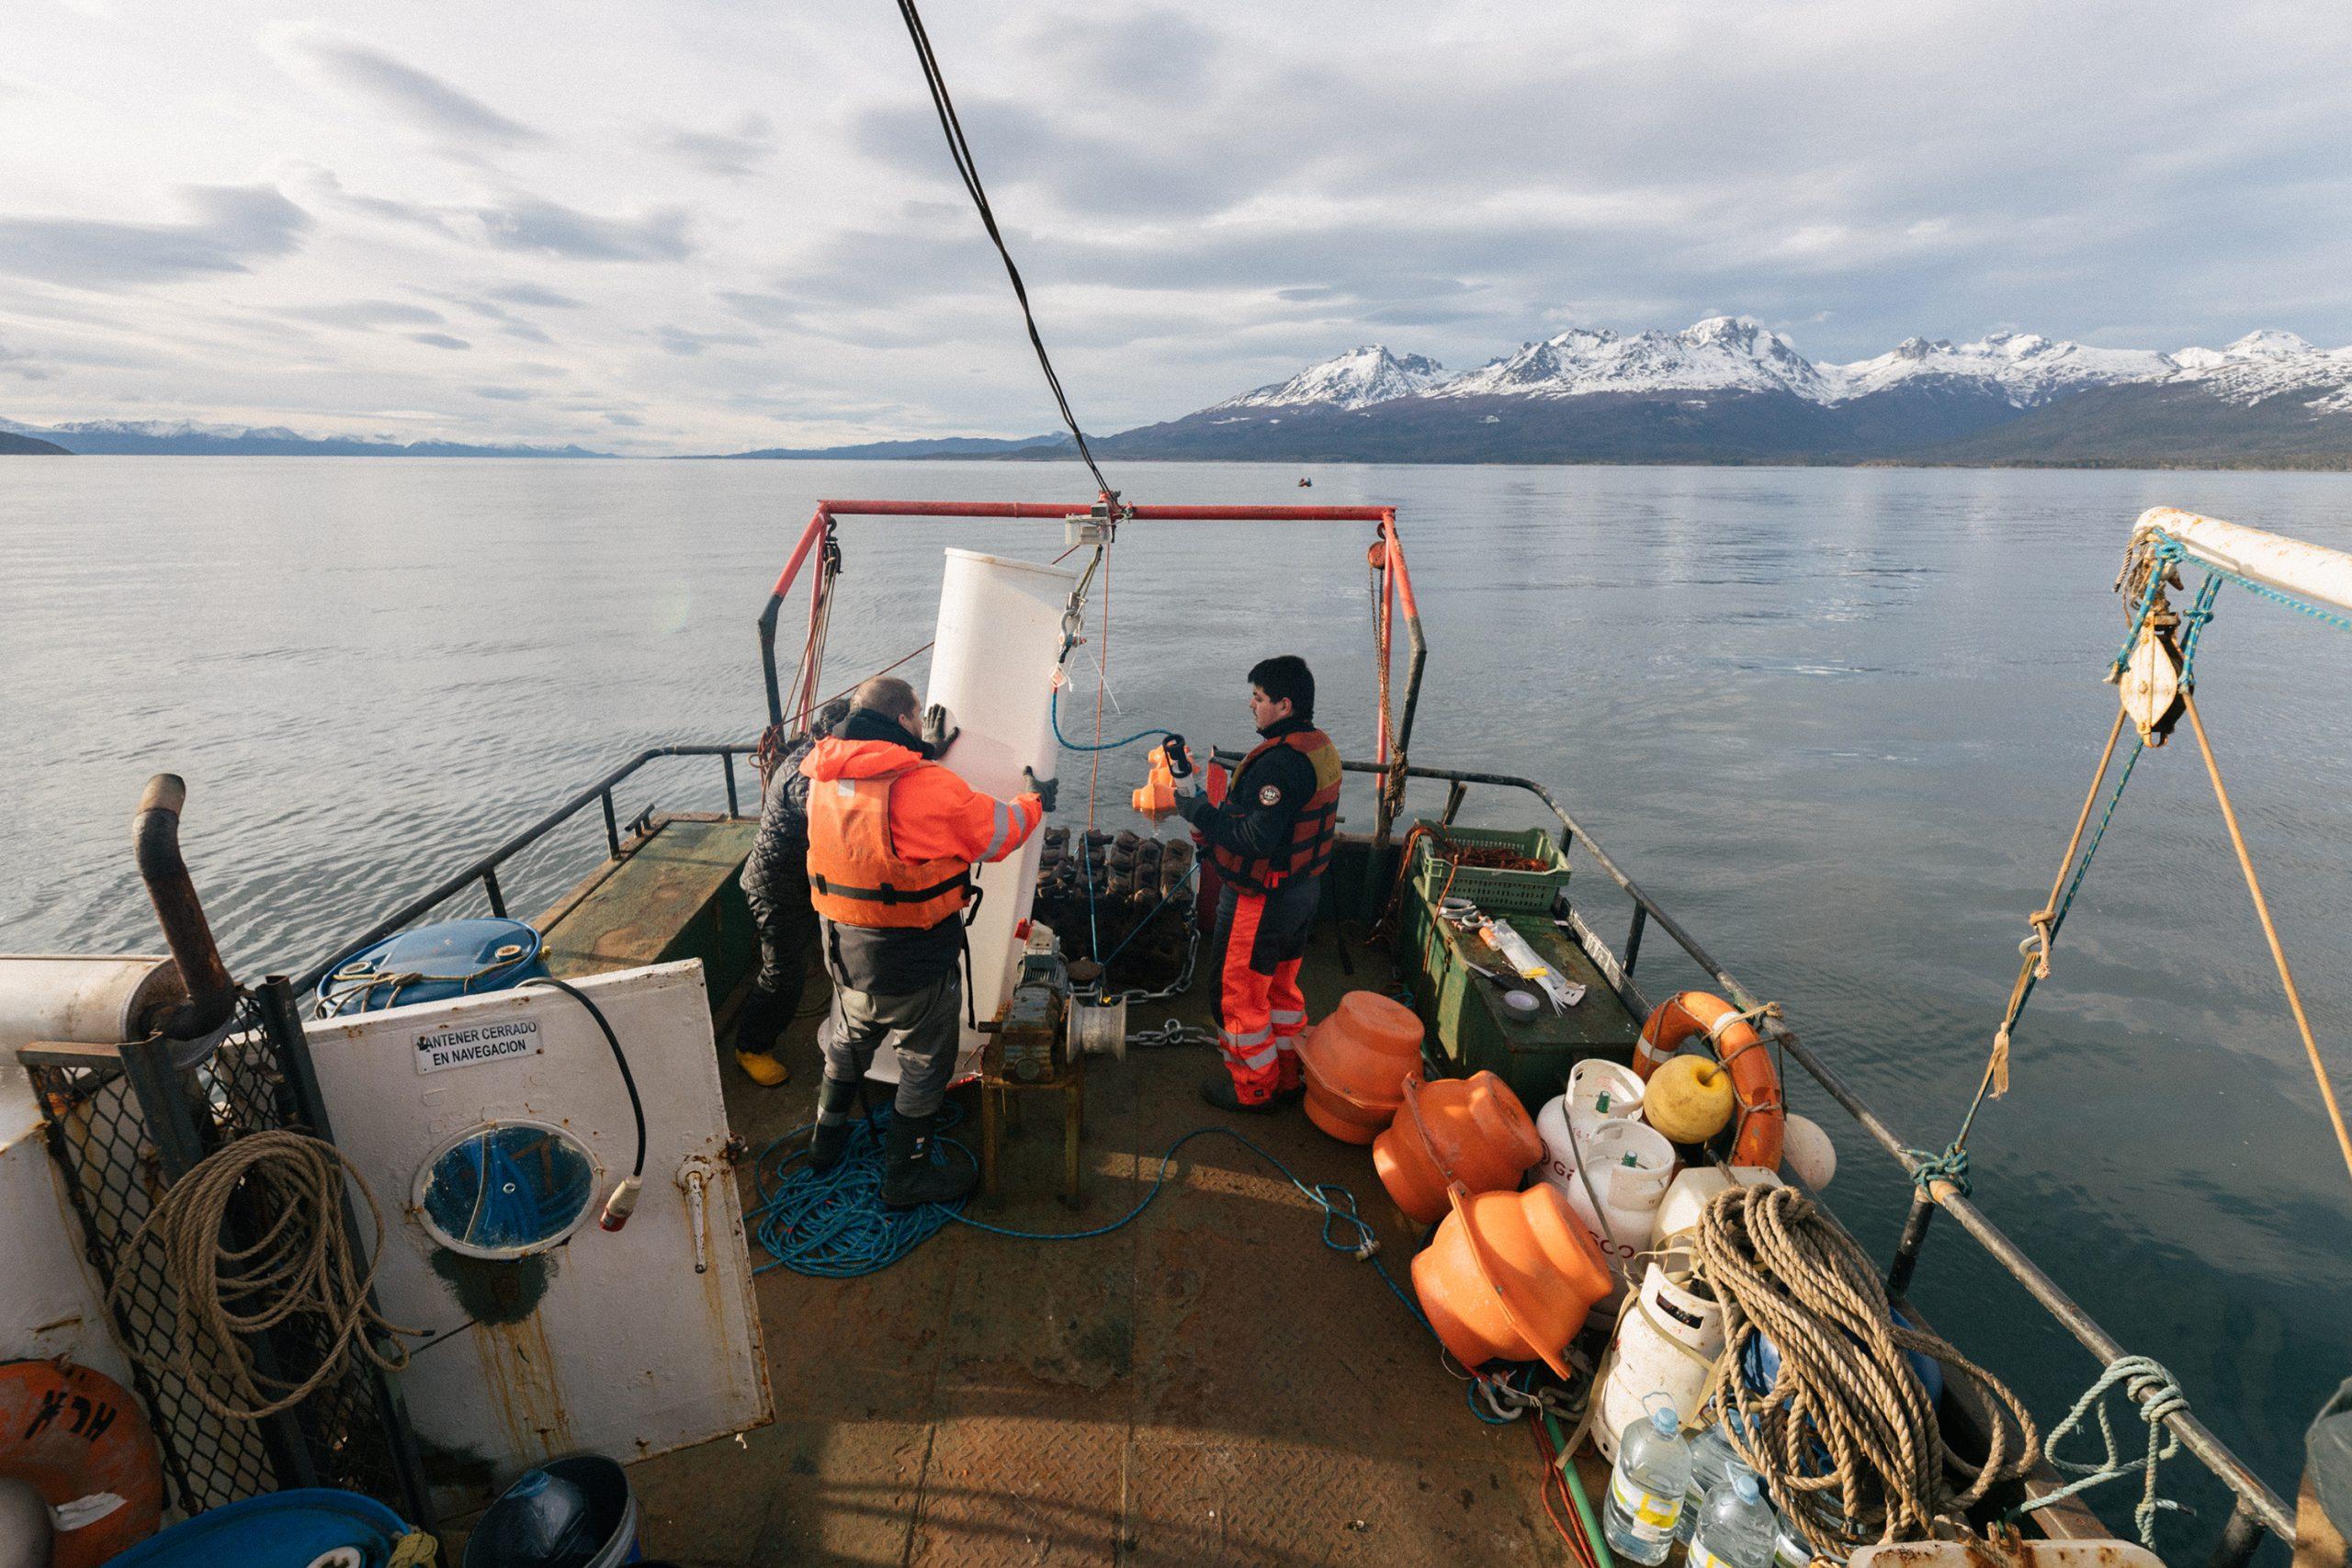 Registro de vientos inusuales fueron parte de los datos recuperados por expedición oceanográfica al canal Beagle